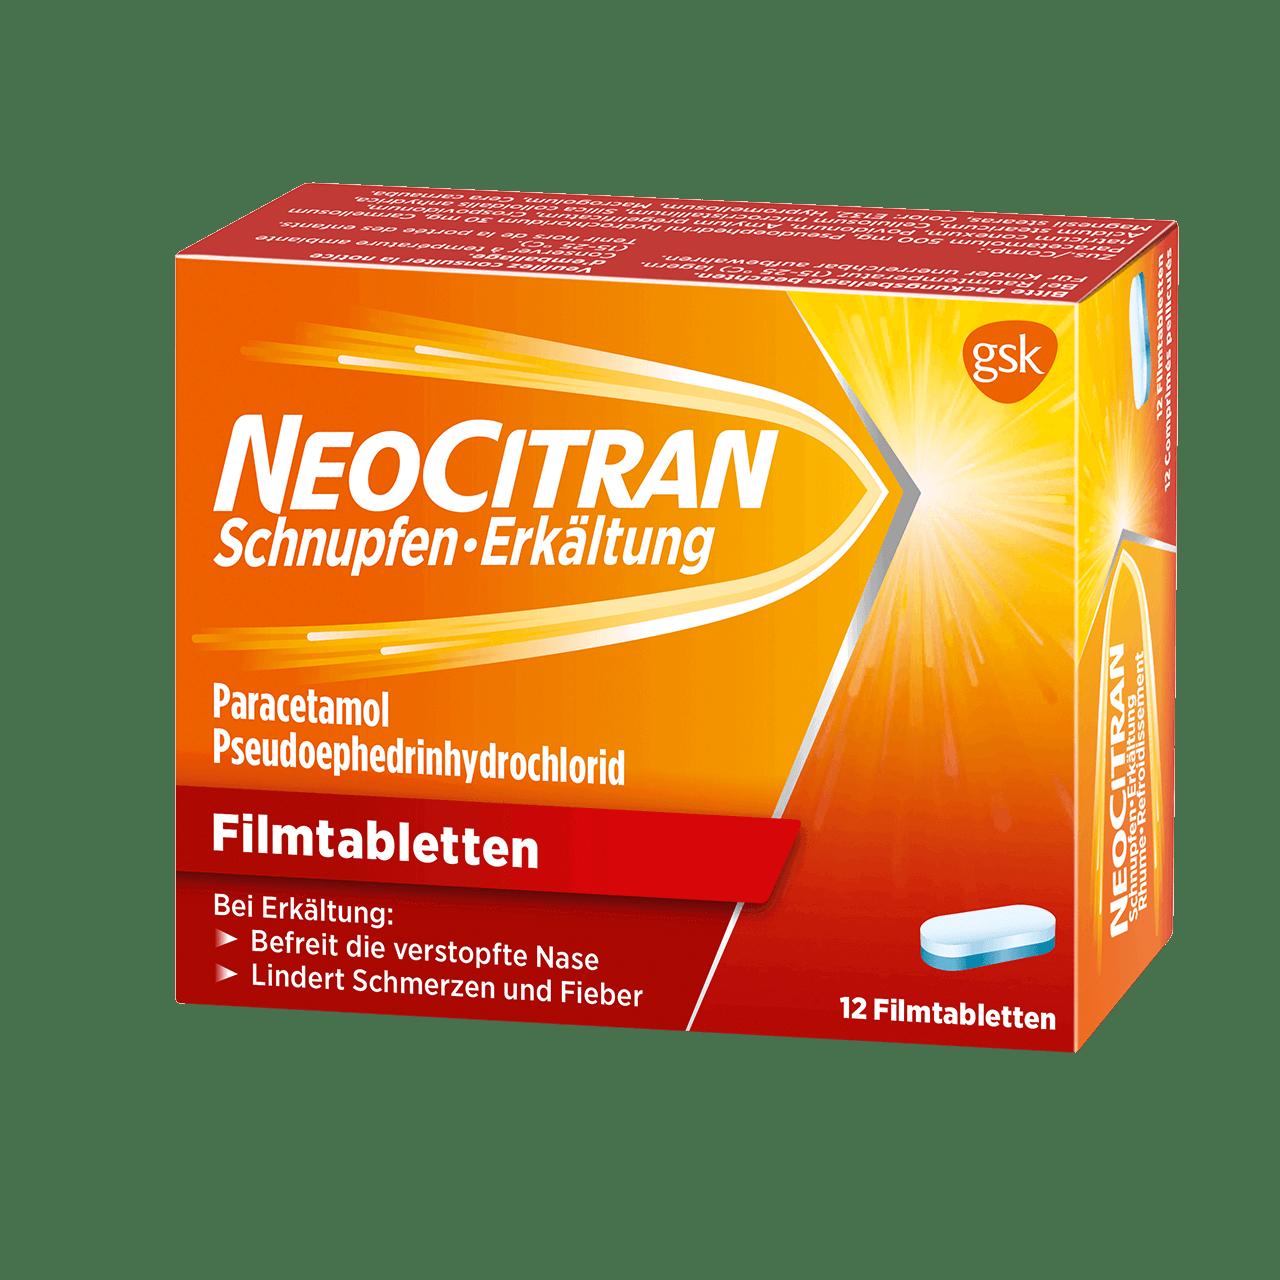 NeoCitran Schnupfen/Erkältung Filmtabletten